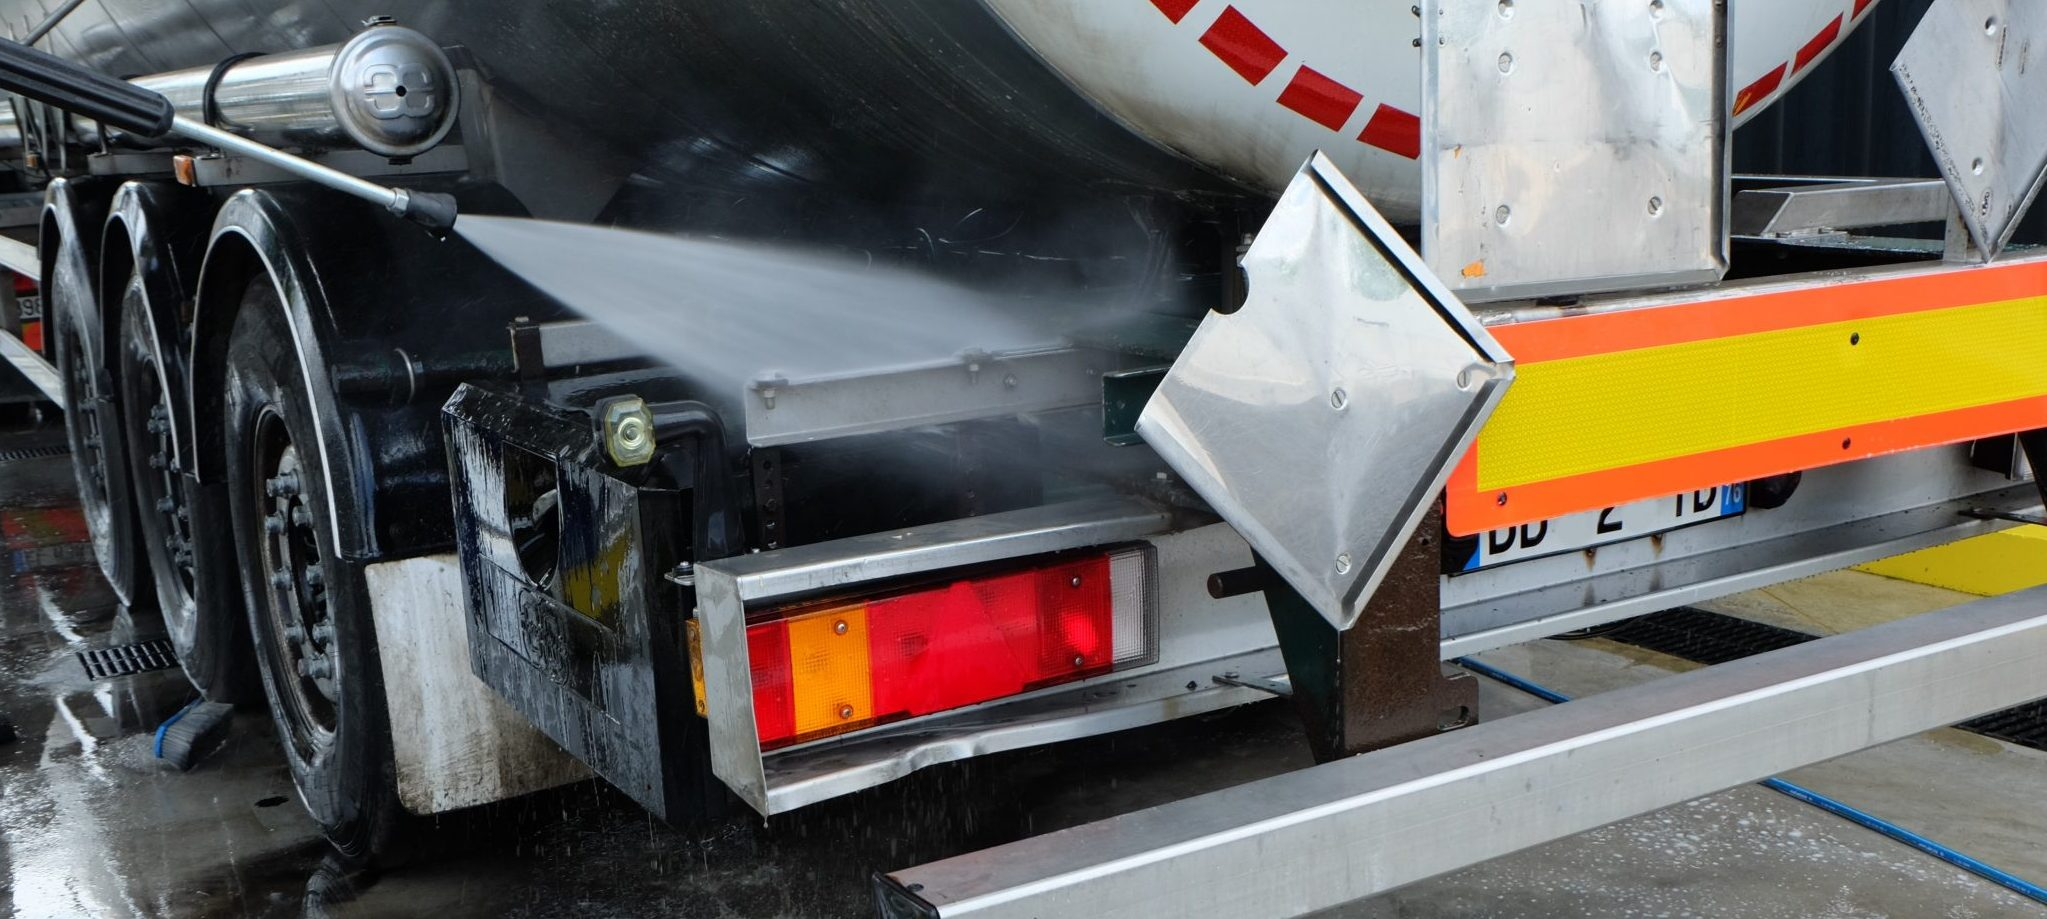 Recyclage lavage auto poids lourds autocars